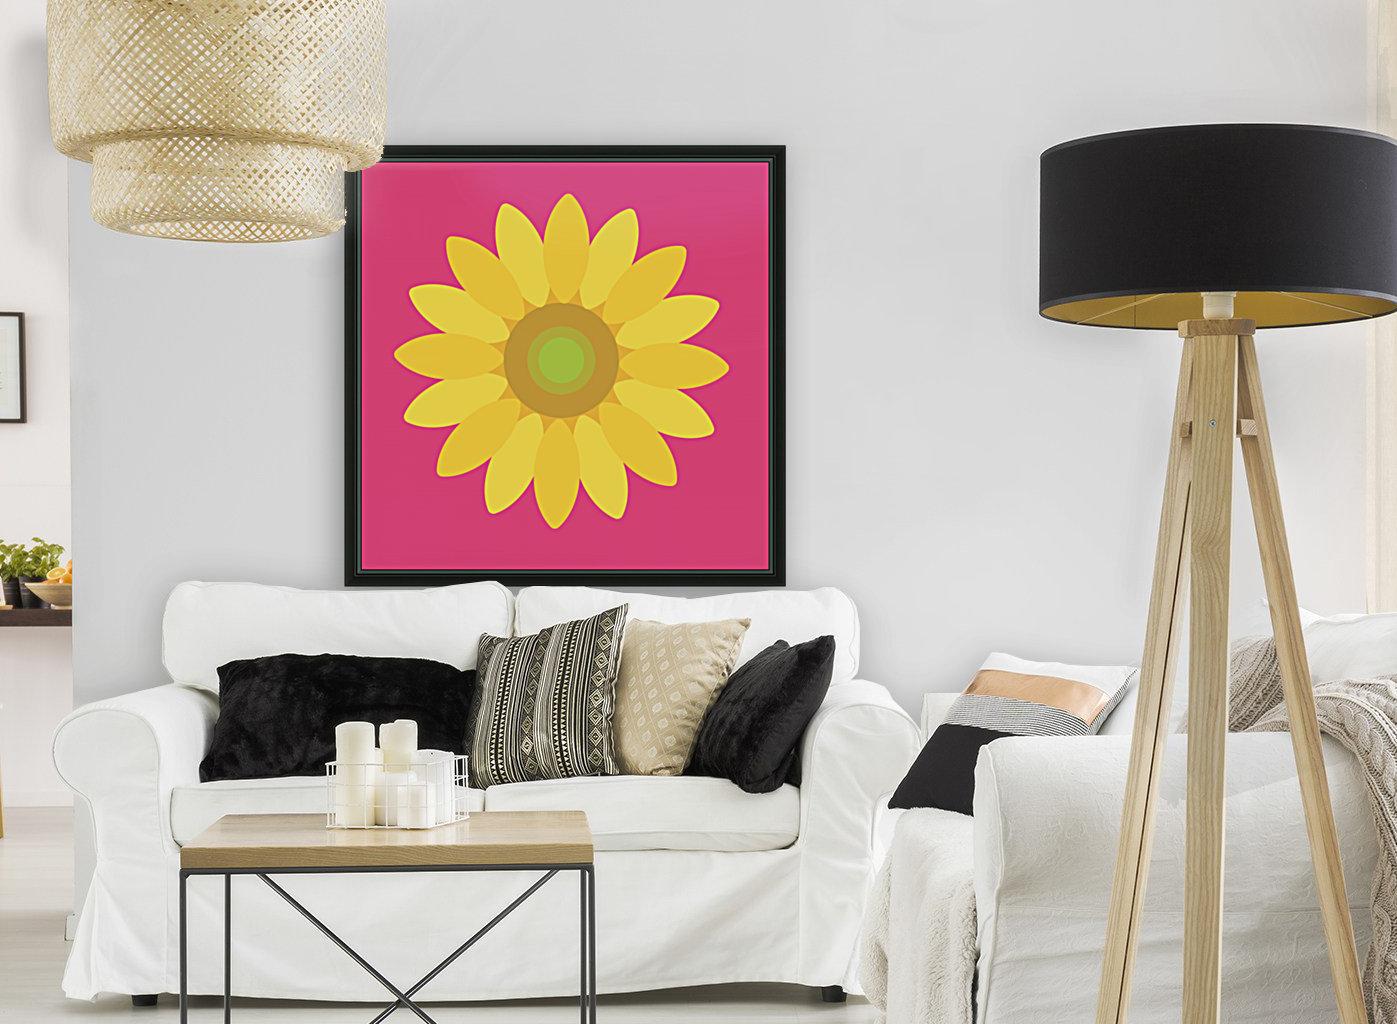 Sunflower (10)_1559876665.7513  Art